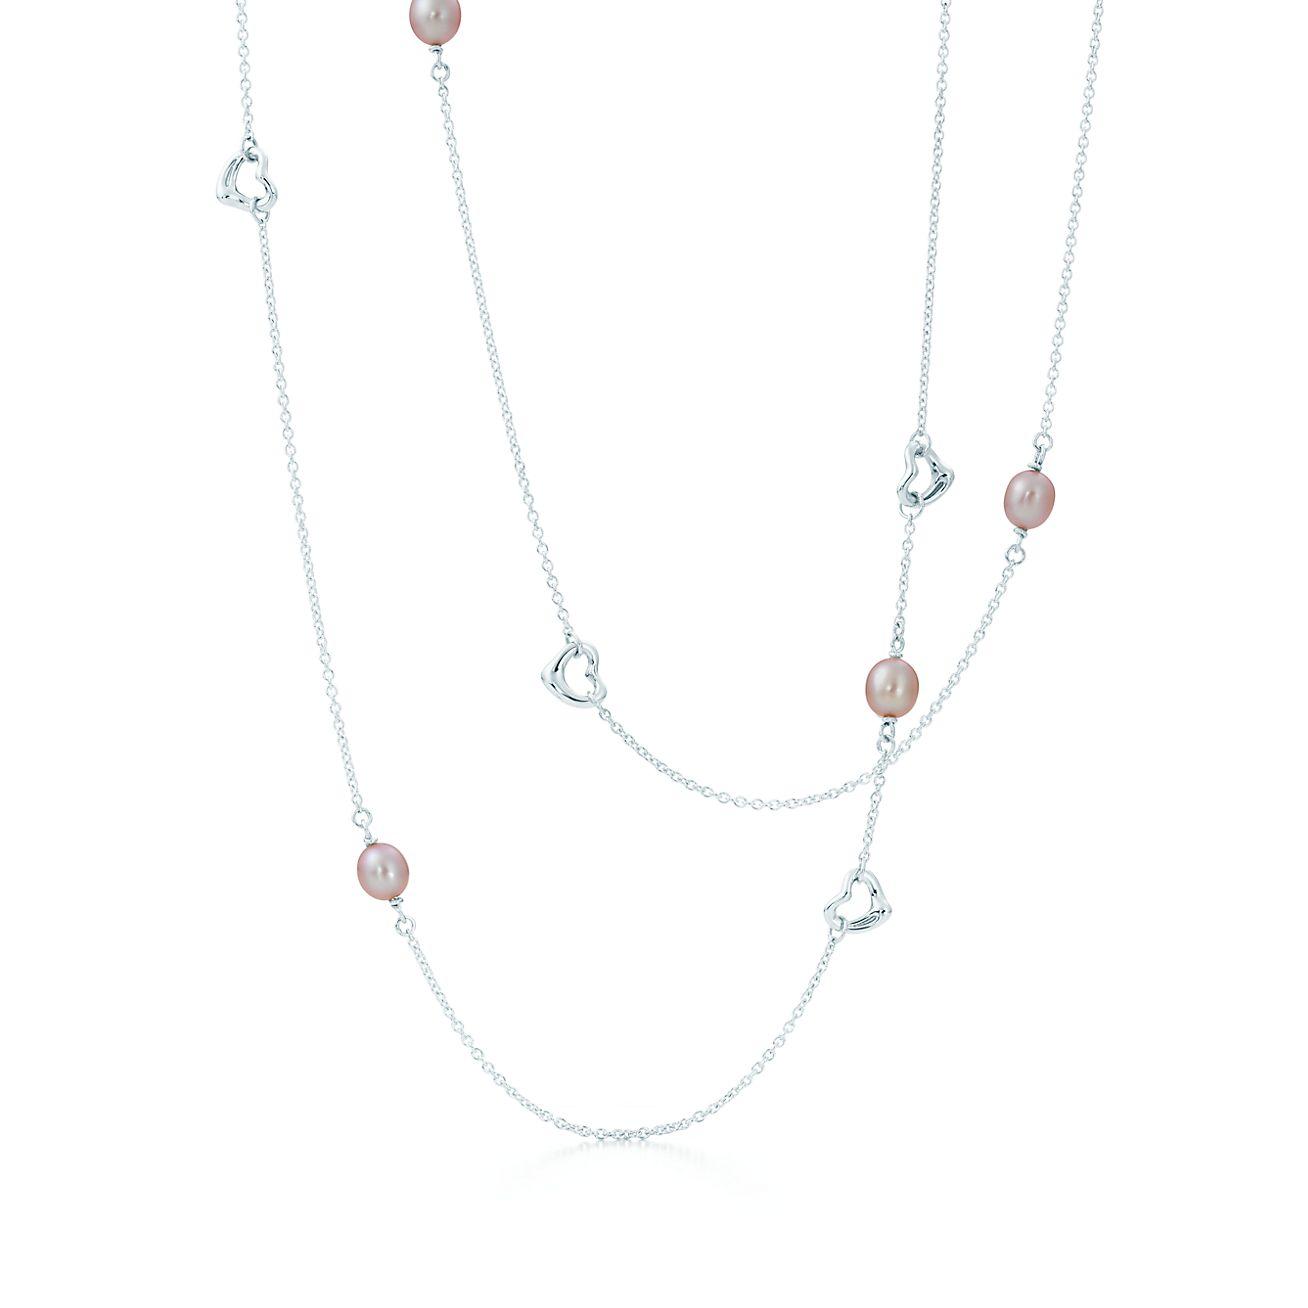 Collar open heart de pearls by the yard de elsa peretti en plata elsa peretti collar open heart de pearls by the yard aloadofball Gallery